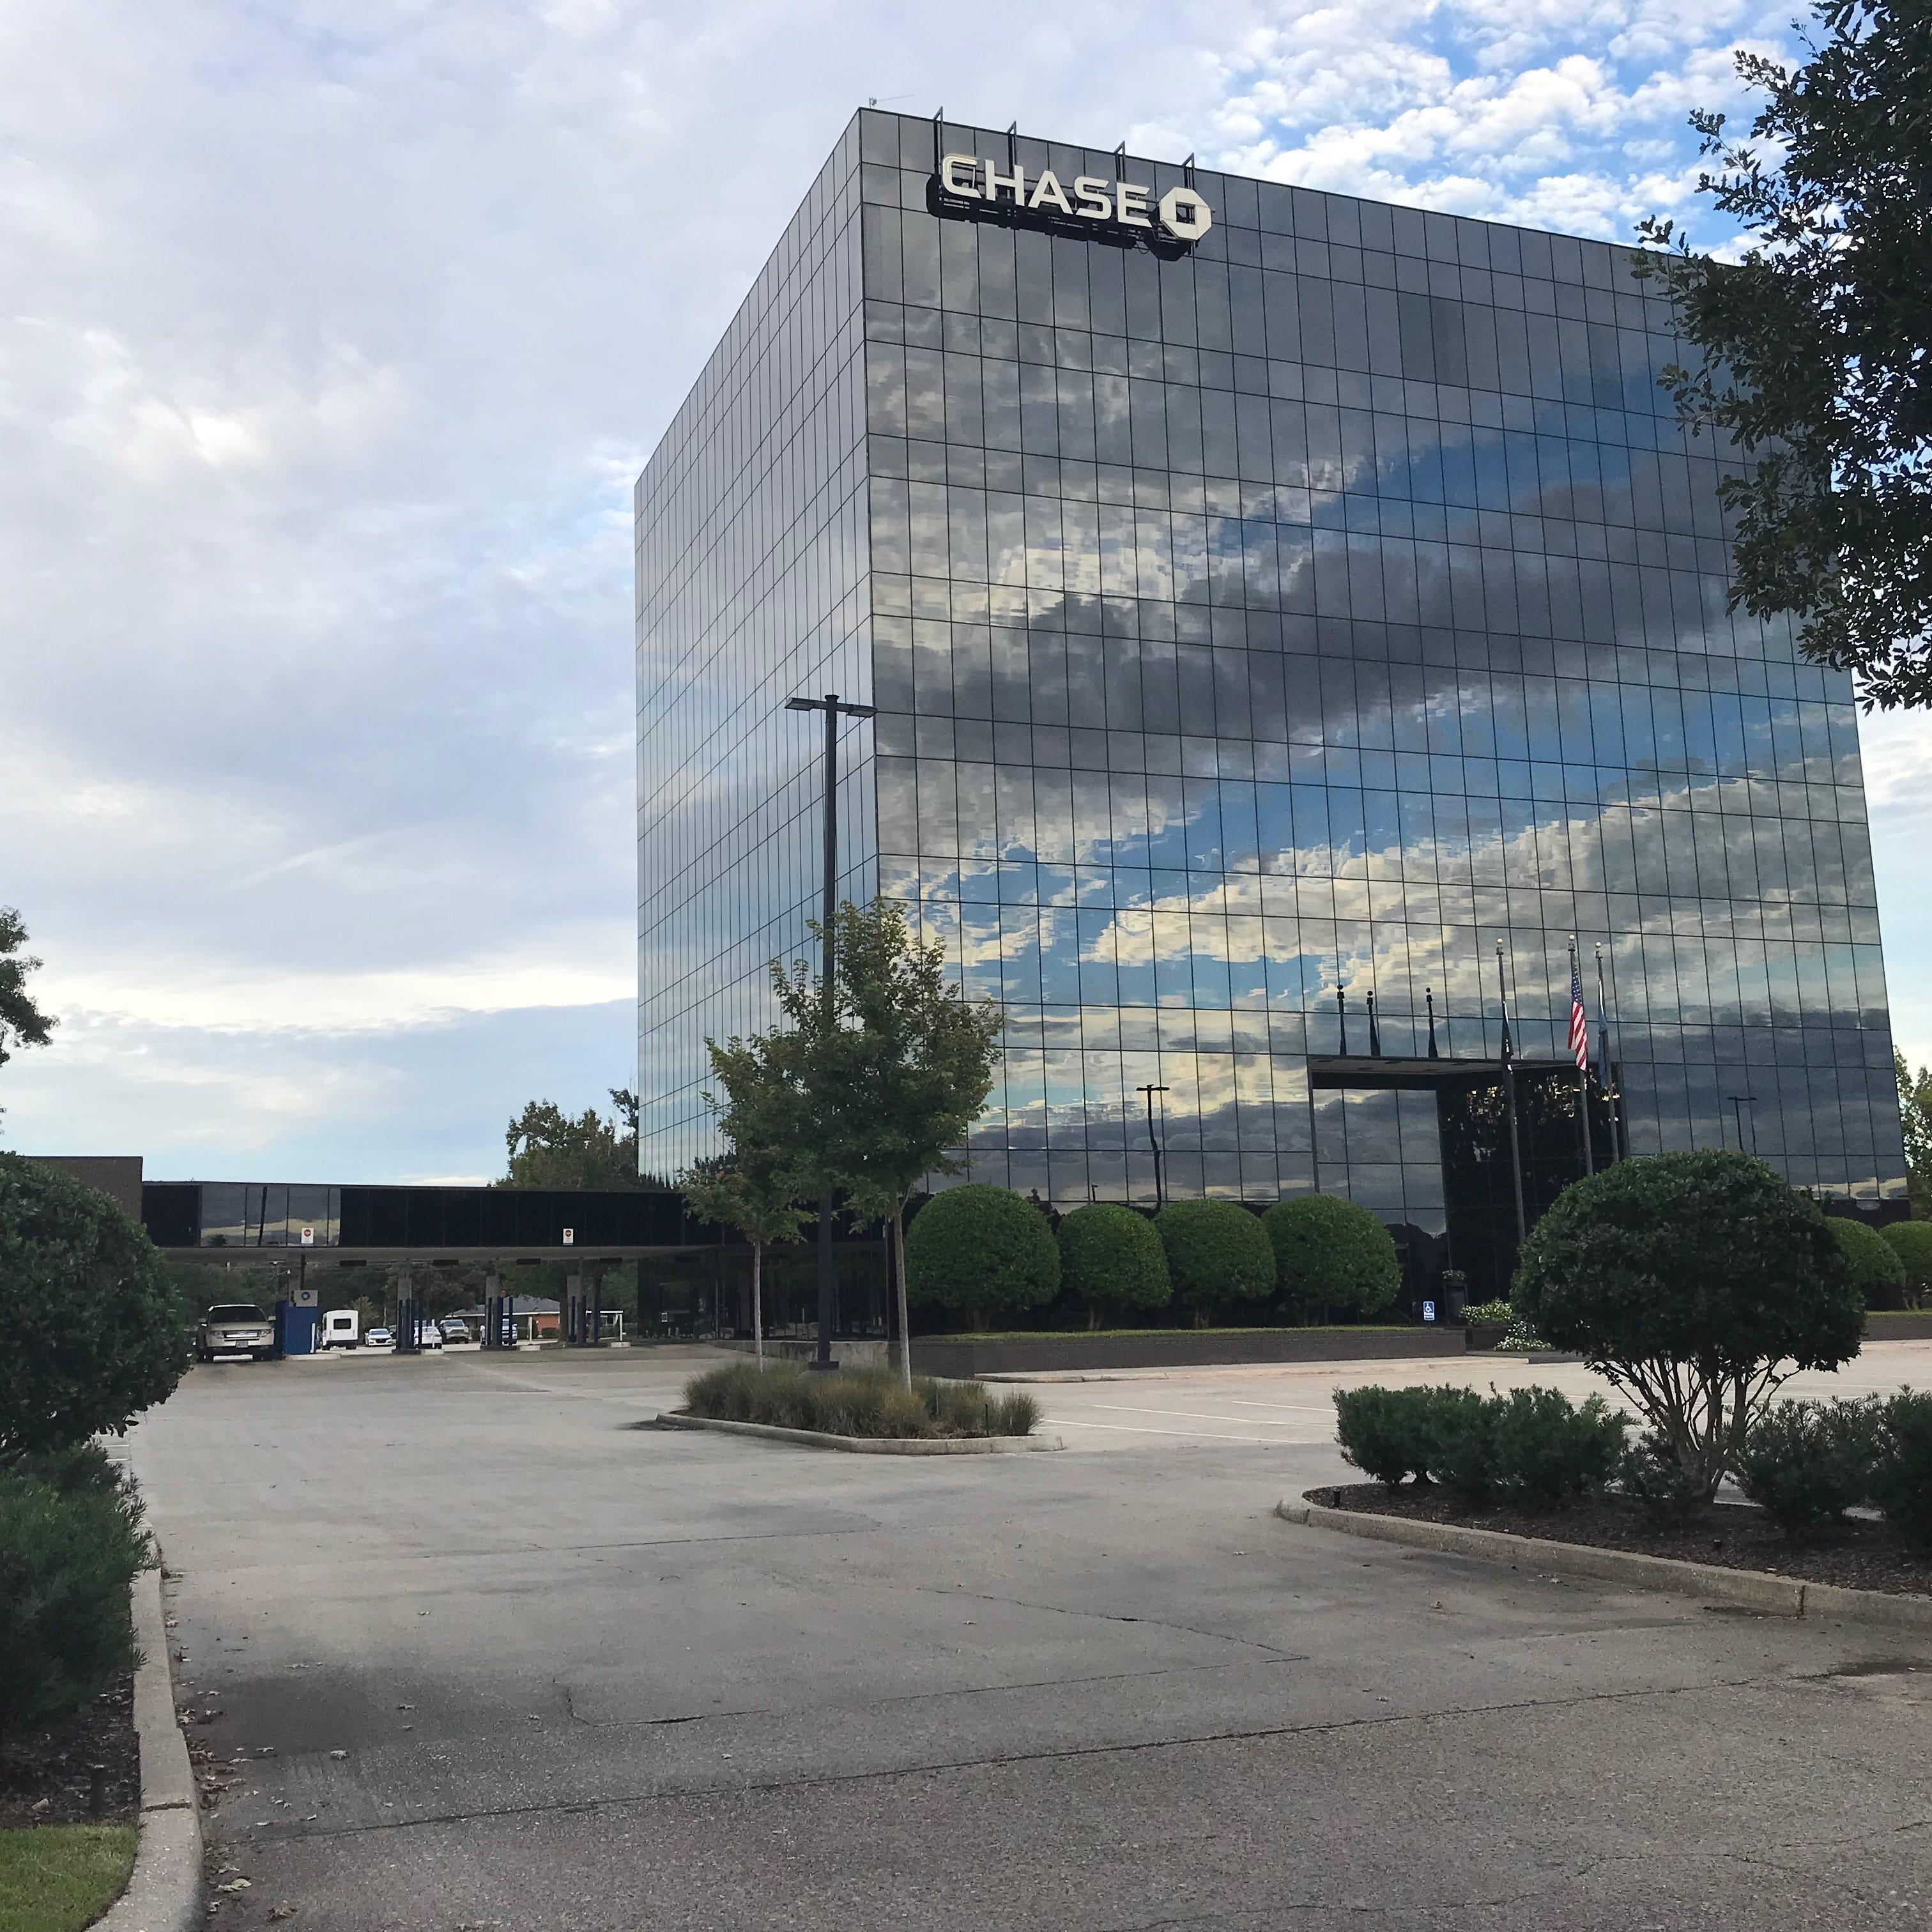 Chase closing banks at Premier Plaza, Cypress Street